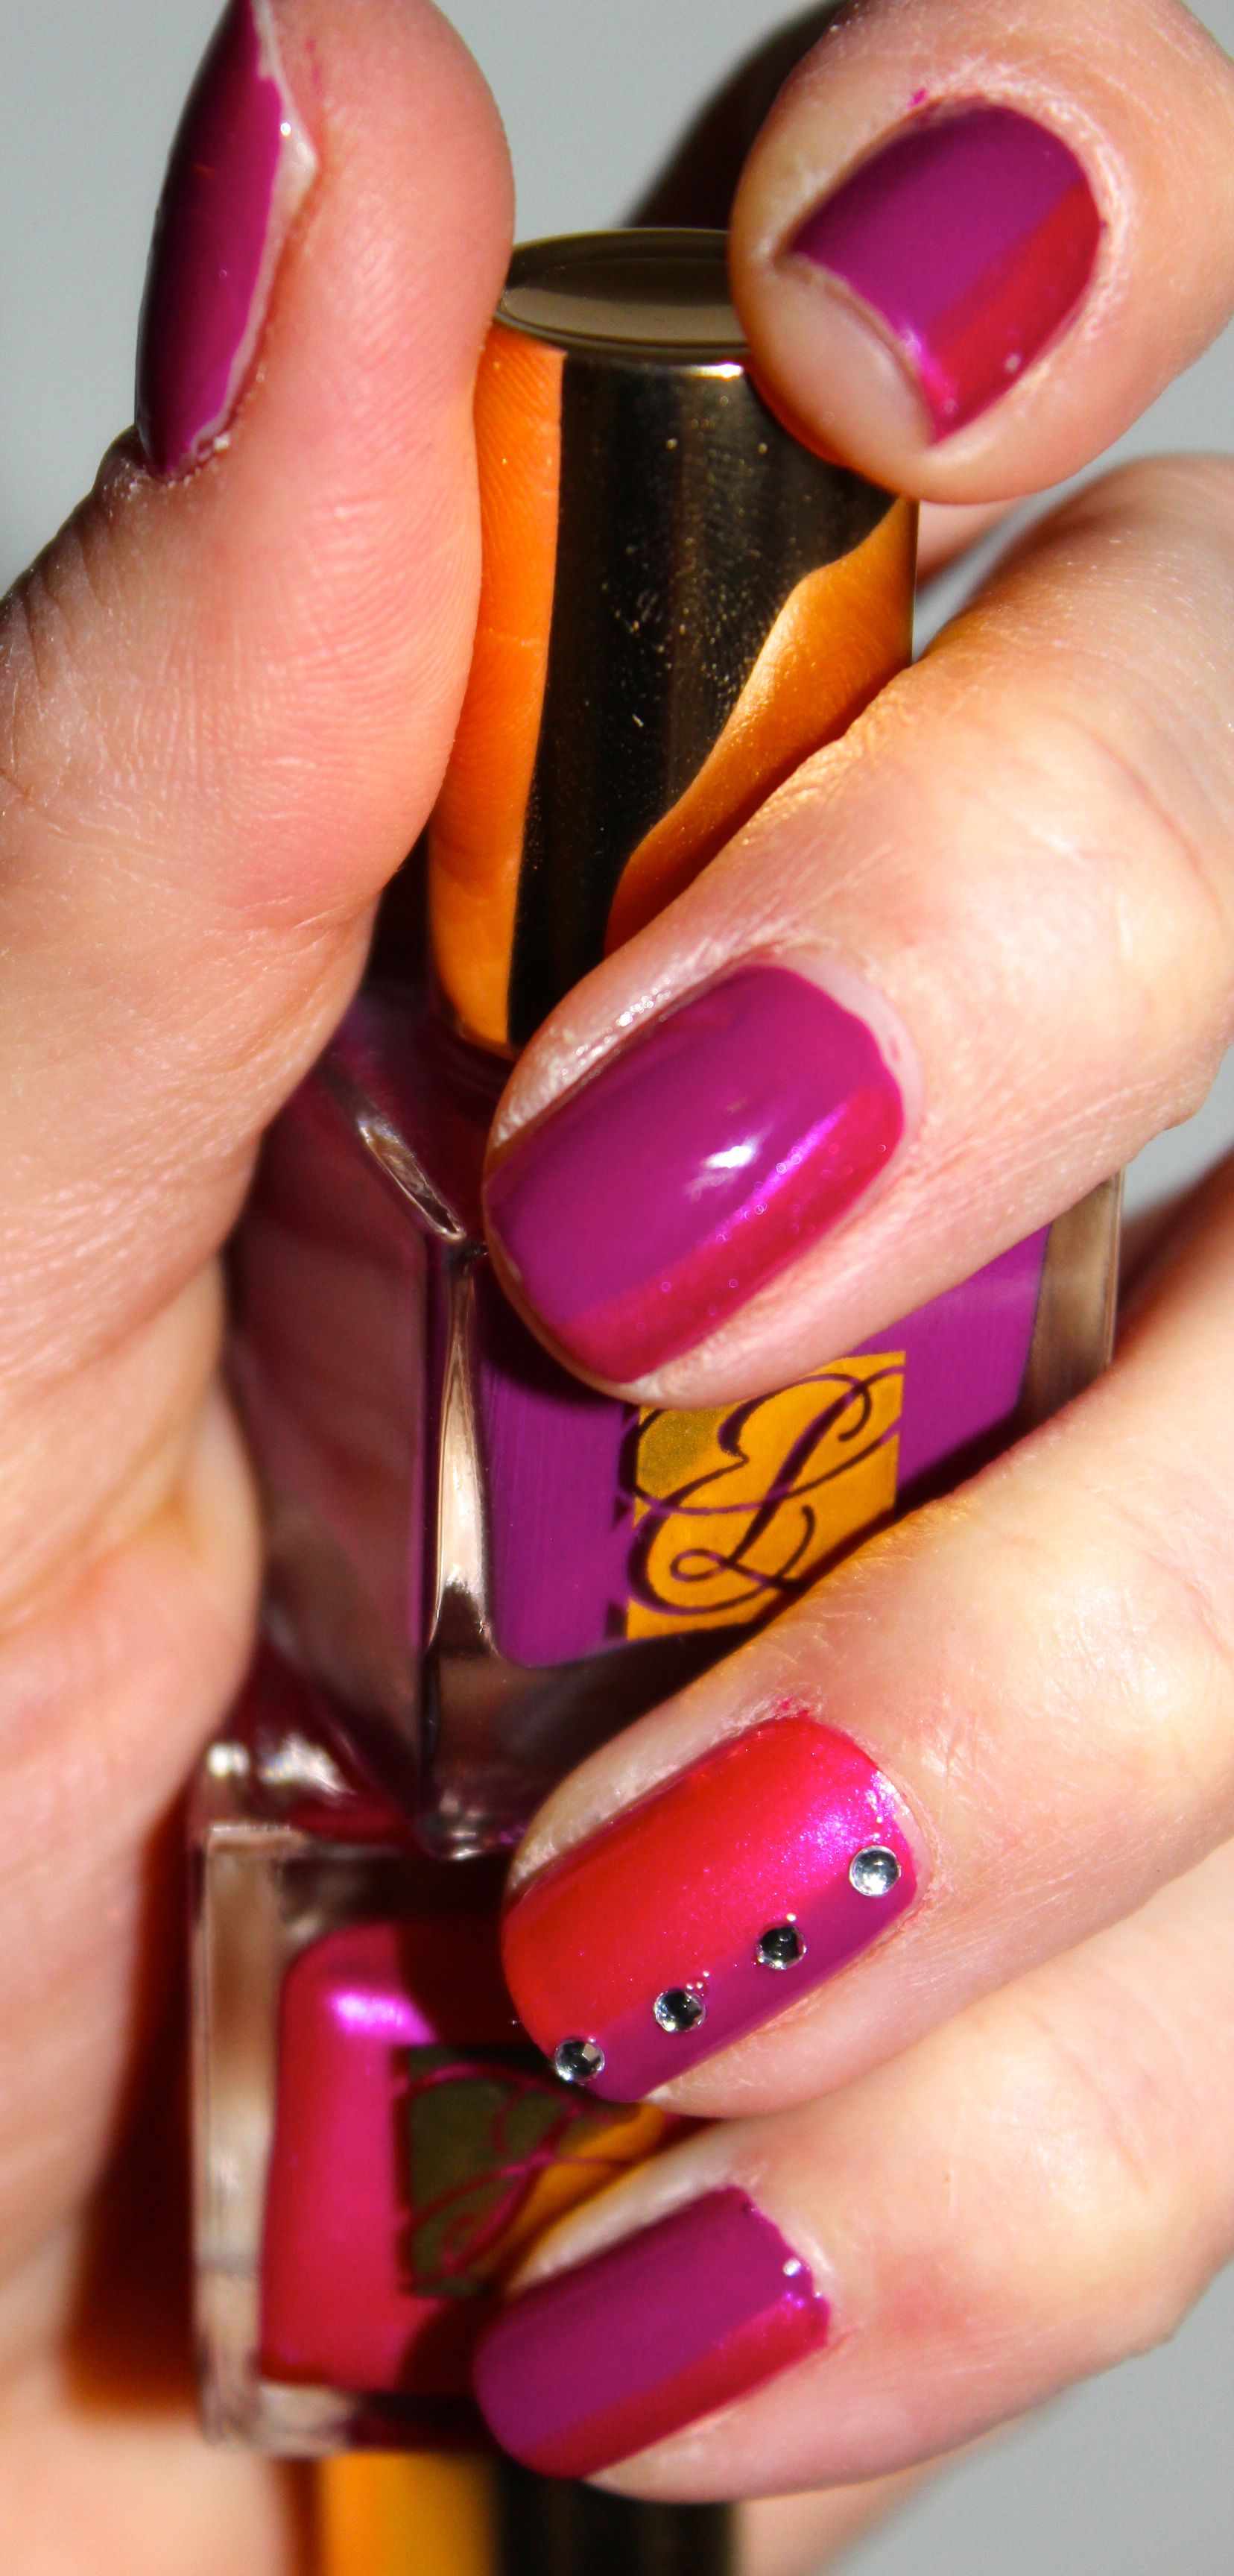 Purple Passion & Berry Hot by Estée Lauder